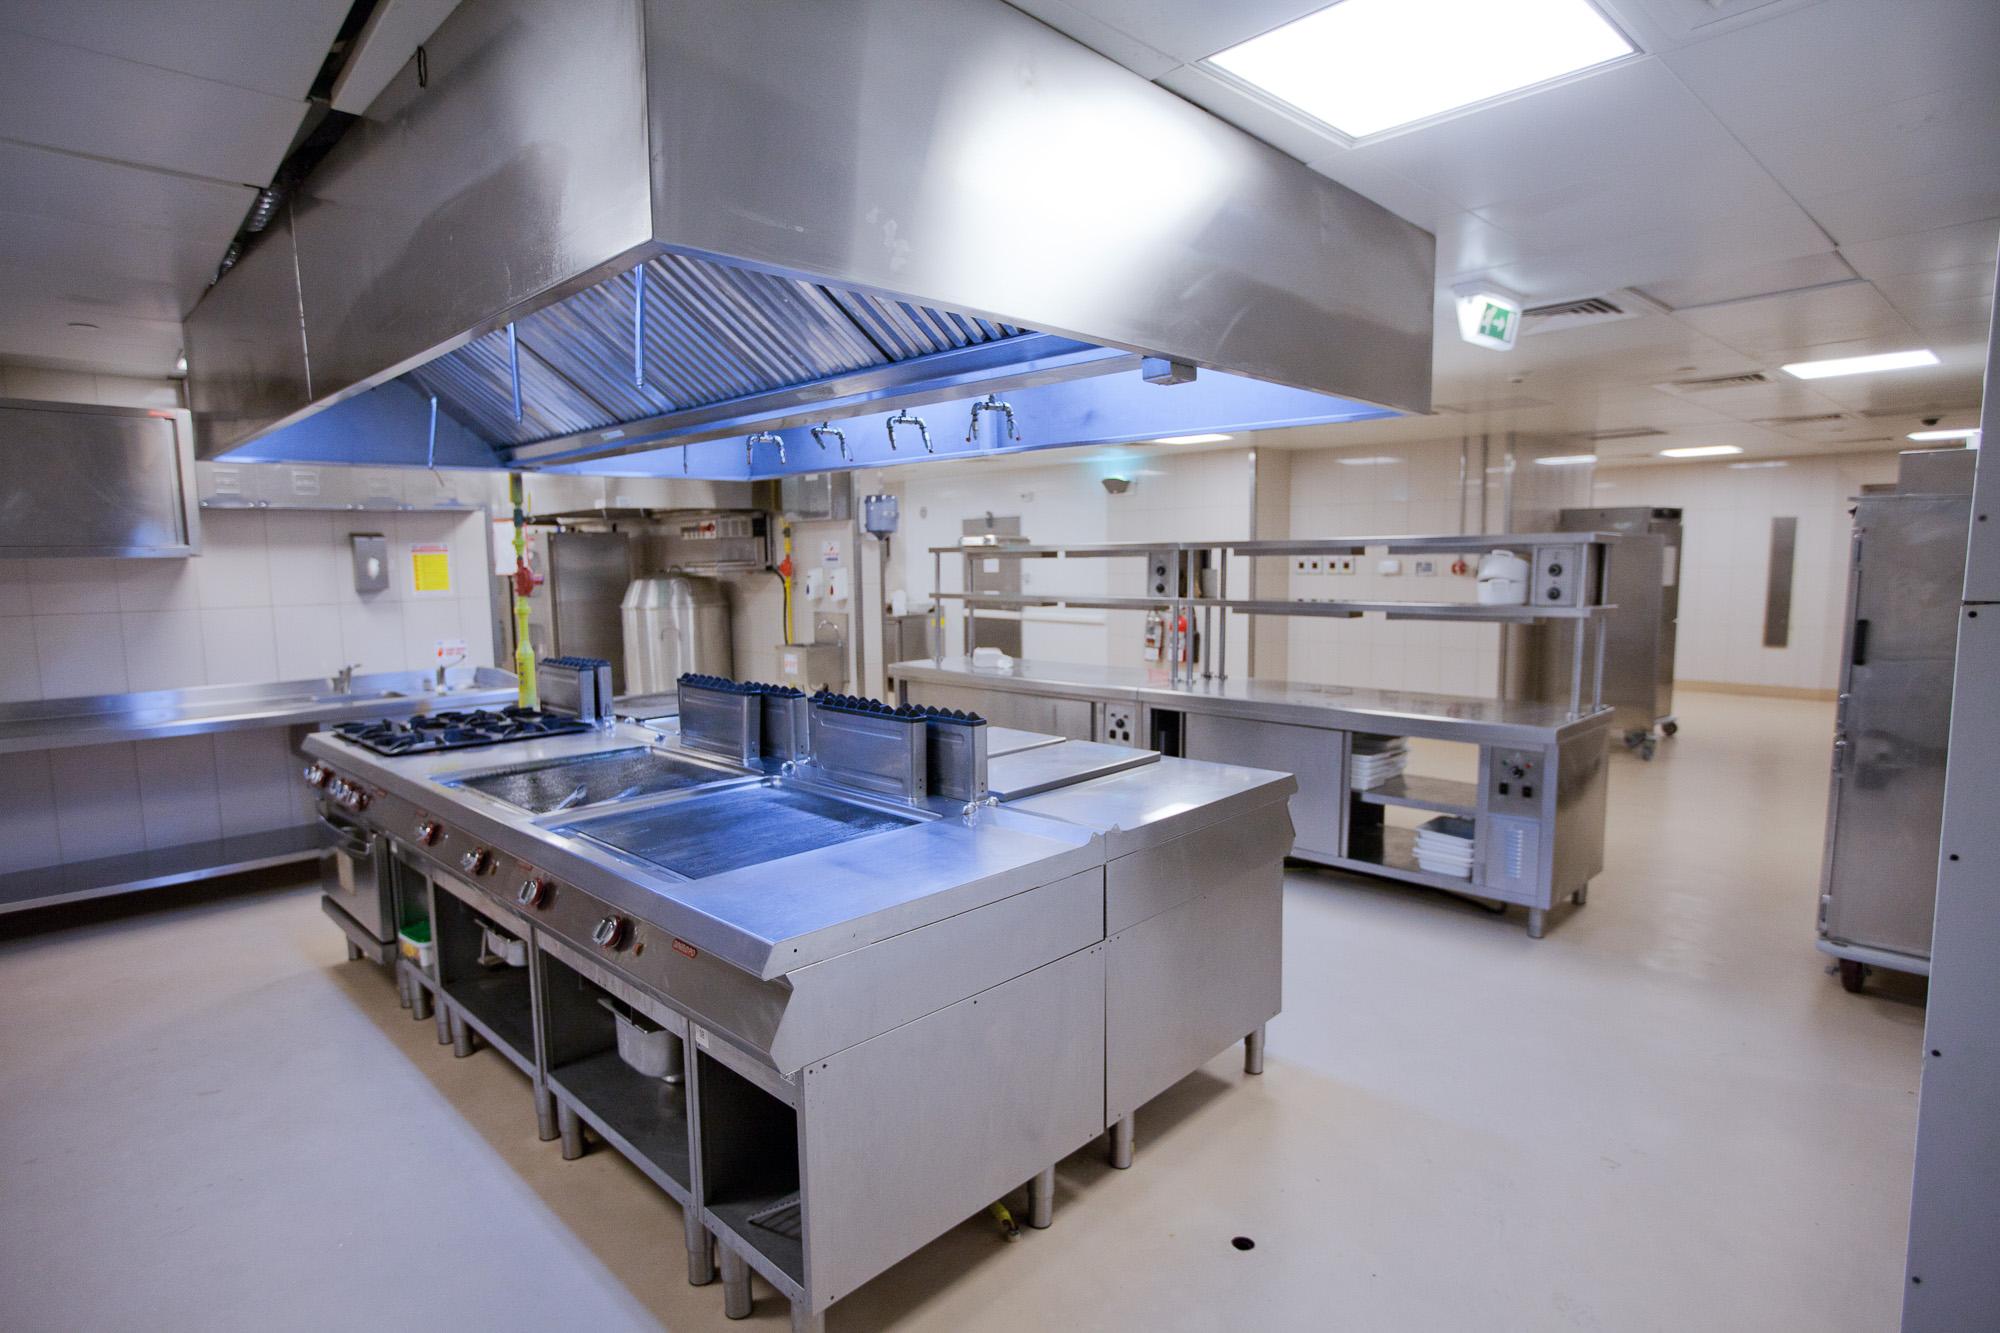 Italia_kitchen_-meydan-9